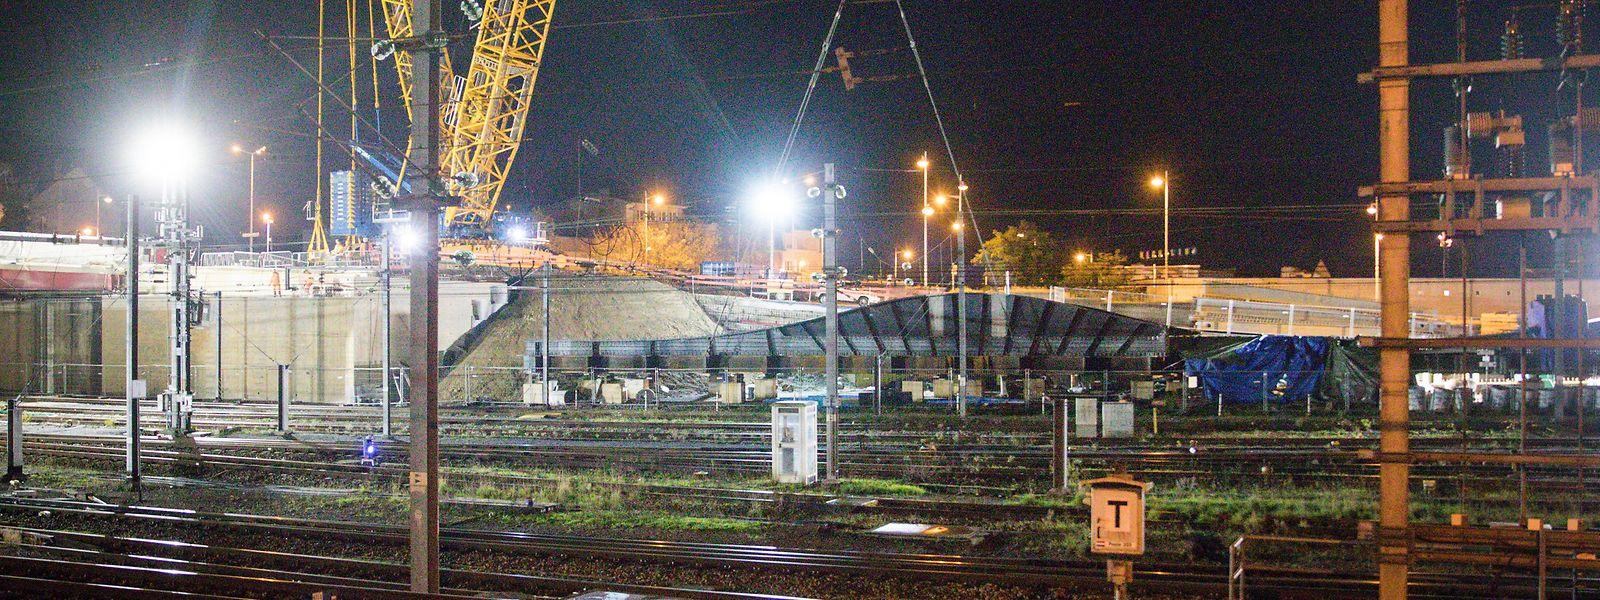 Bereits um 3.30 Uhr in der Nacht auf Samstag wurden die ersten Stahlträger eingebaut.